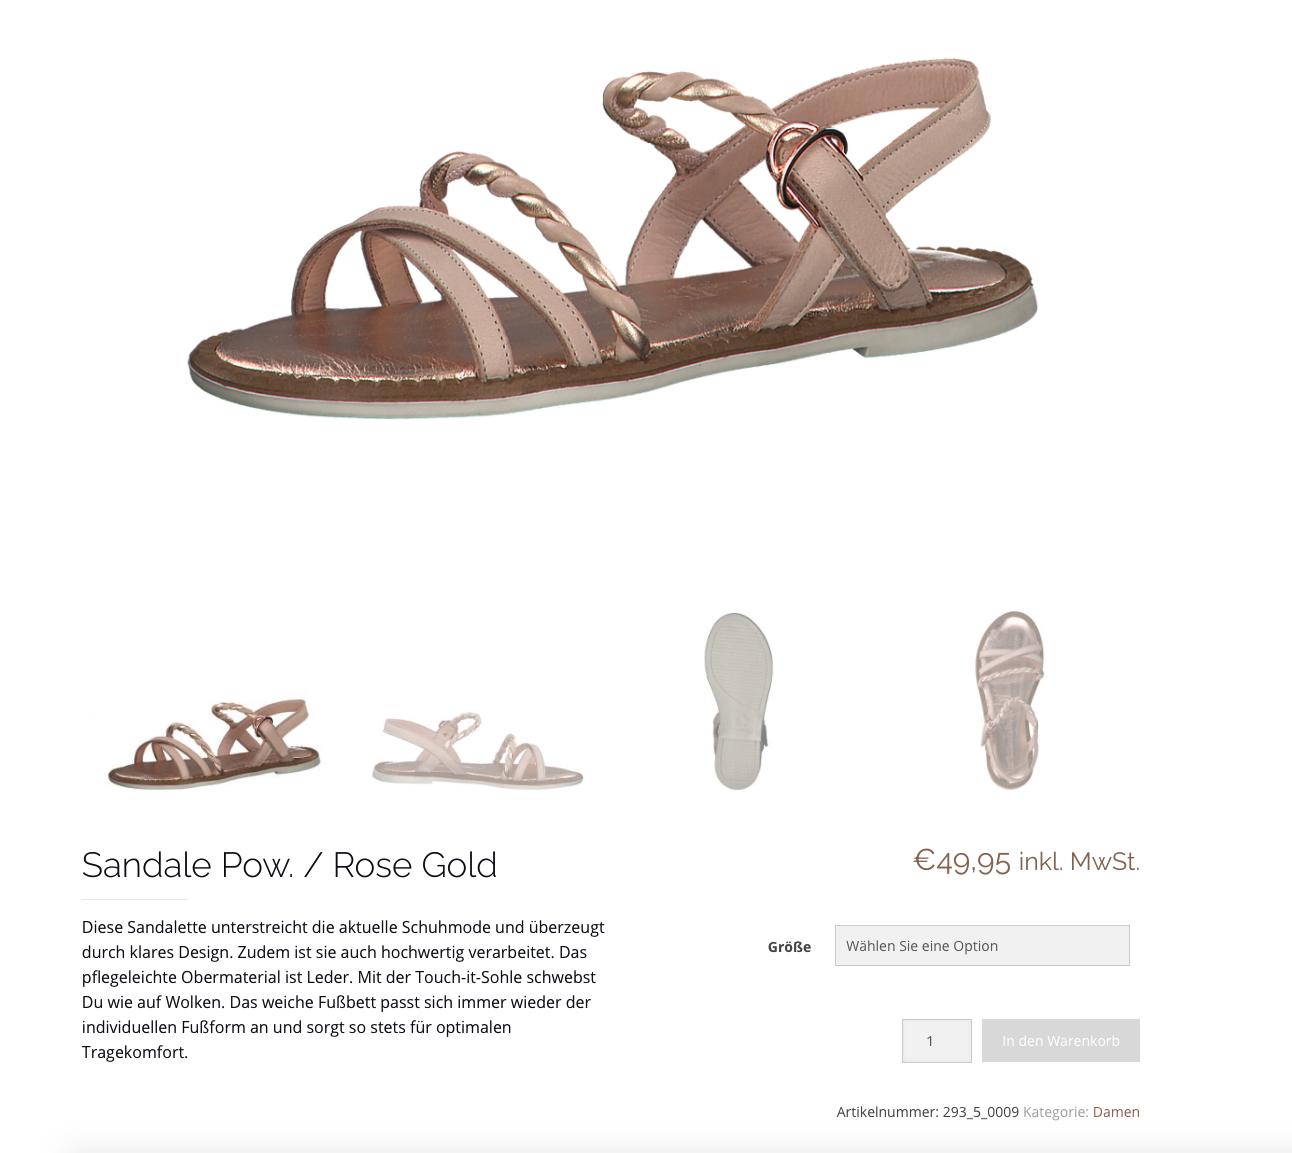 Produktansicht einer rose goldenen Sandale im Schuhhaus Pöltl Onlineshop.